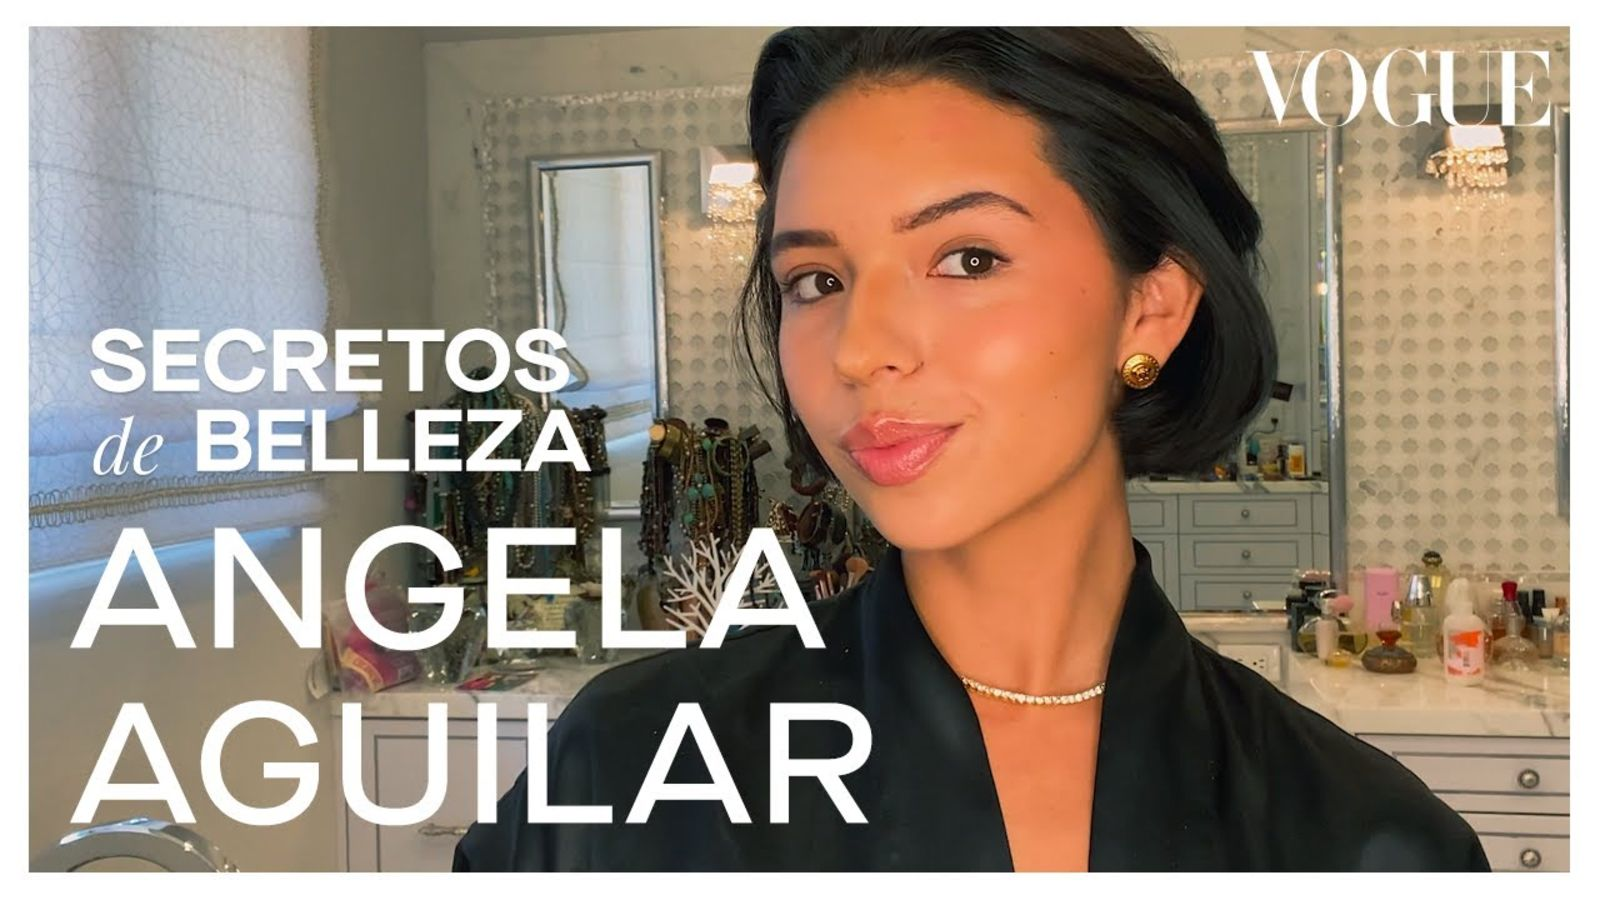 Ángela Aguilar y sus secretos de belleza para las amantes del maquillaje